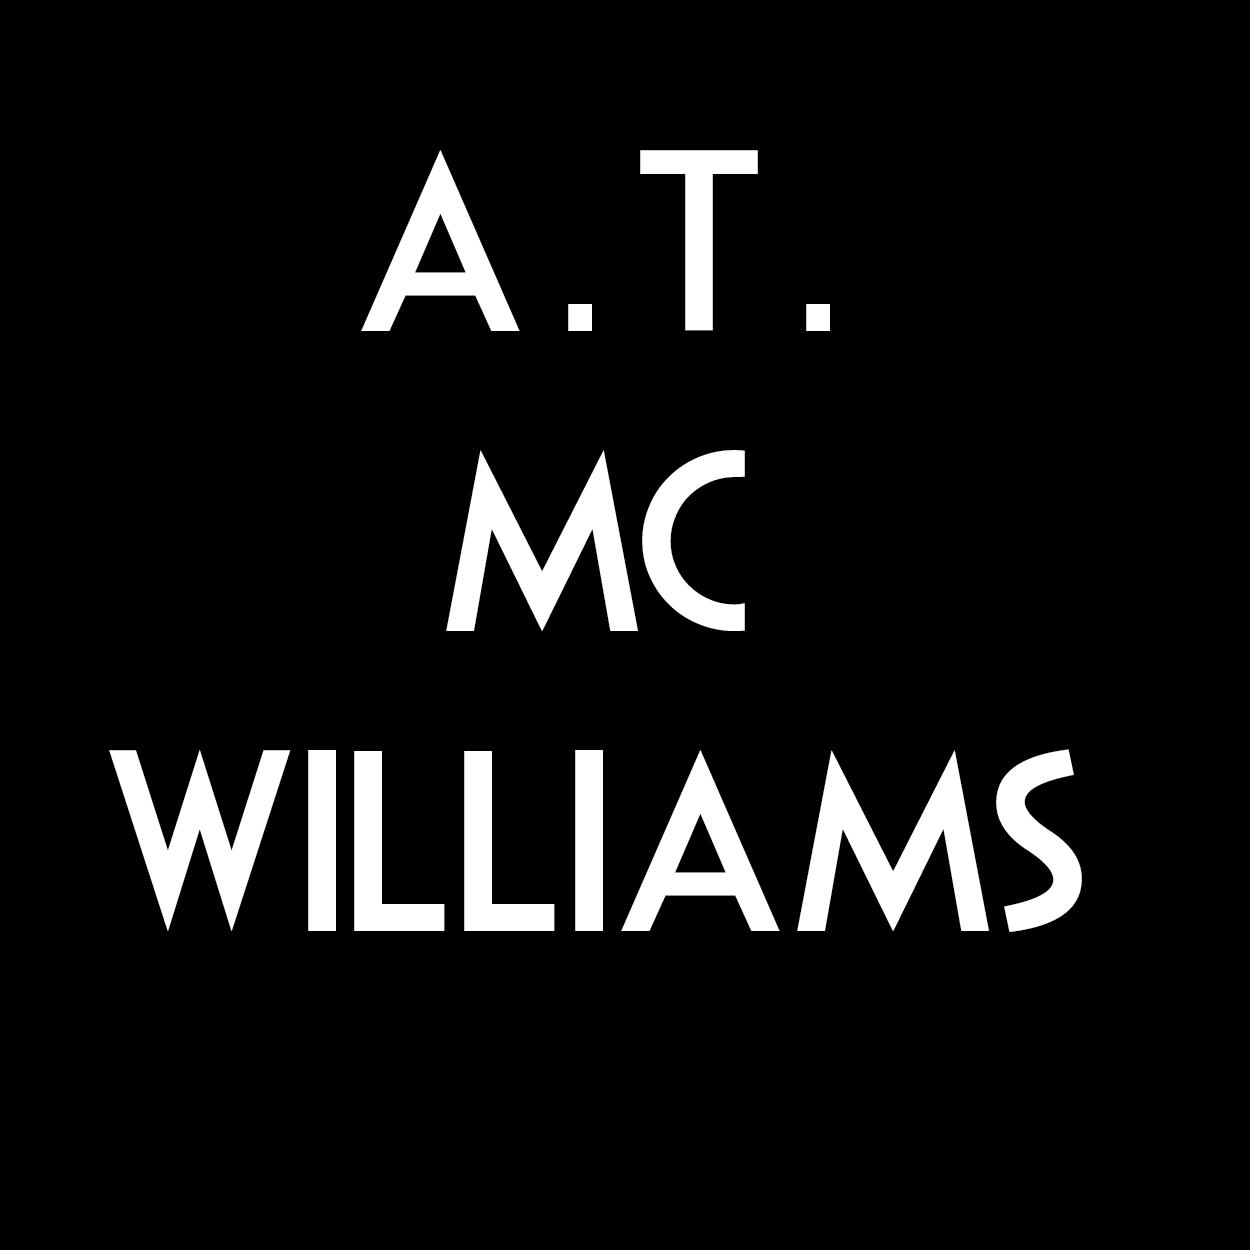 AT-MCWILLIAMS-01.png